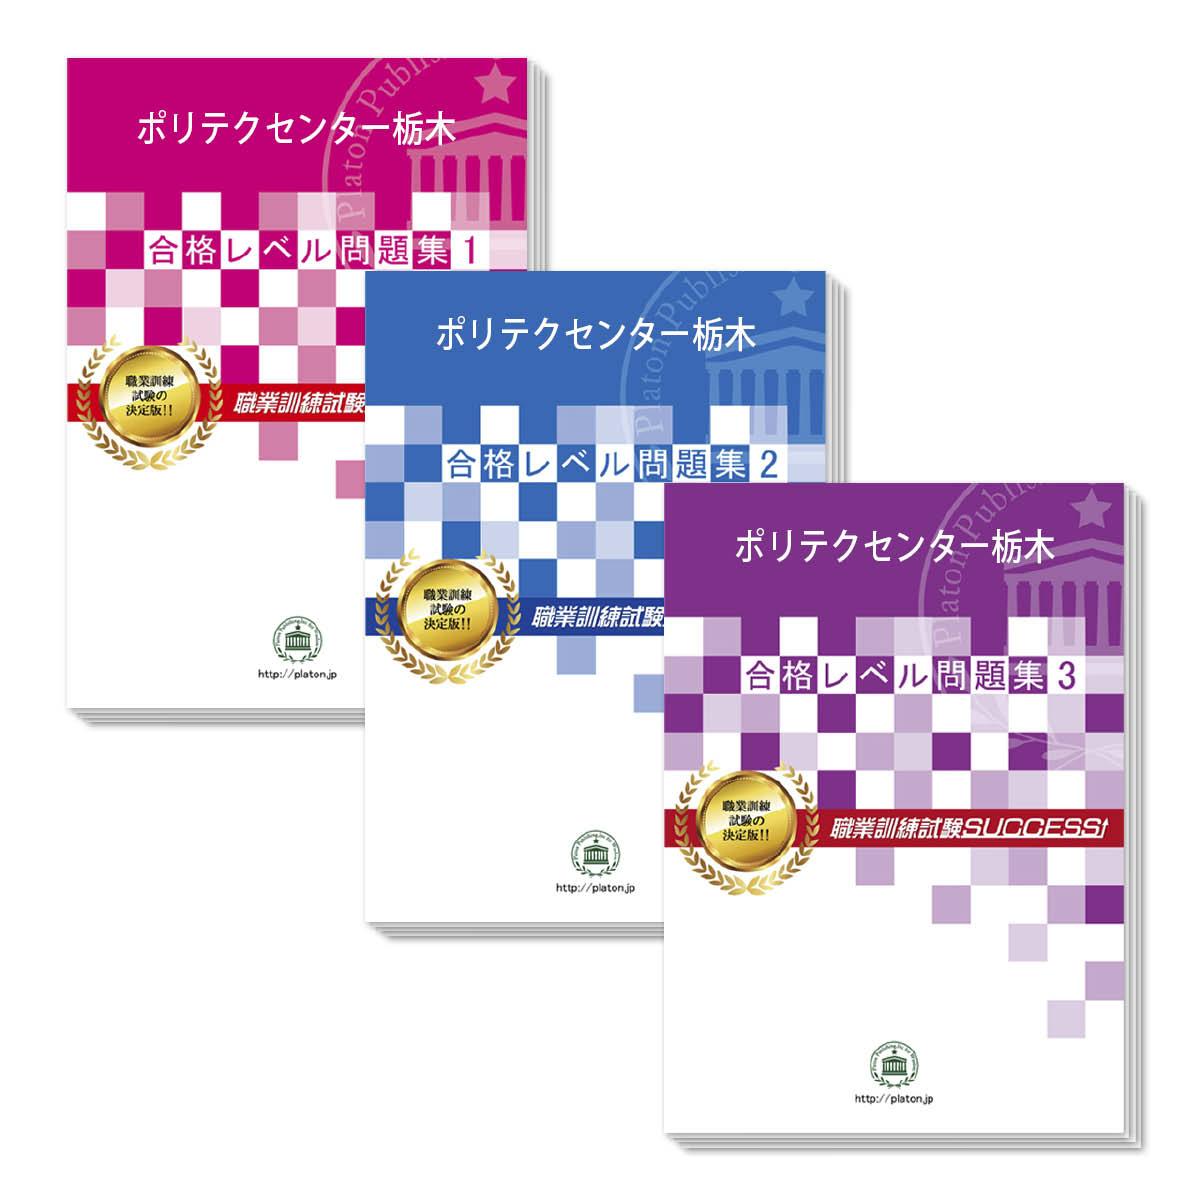 送料 代引手数料無料 ポリテクセンター栃木 在庫あり 3冊 受験合格セット問題集 在庫一掃売り切りセール